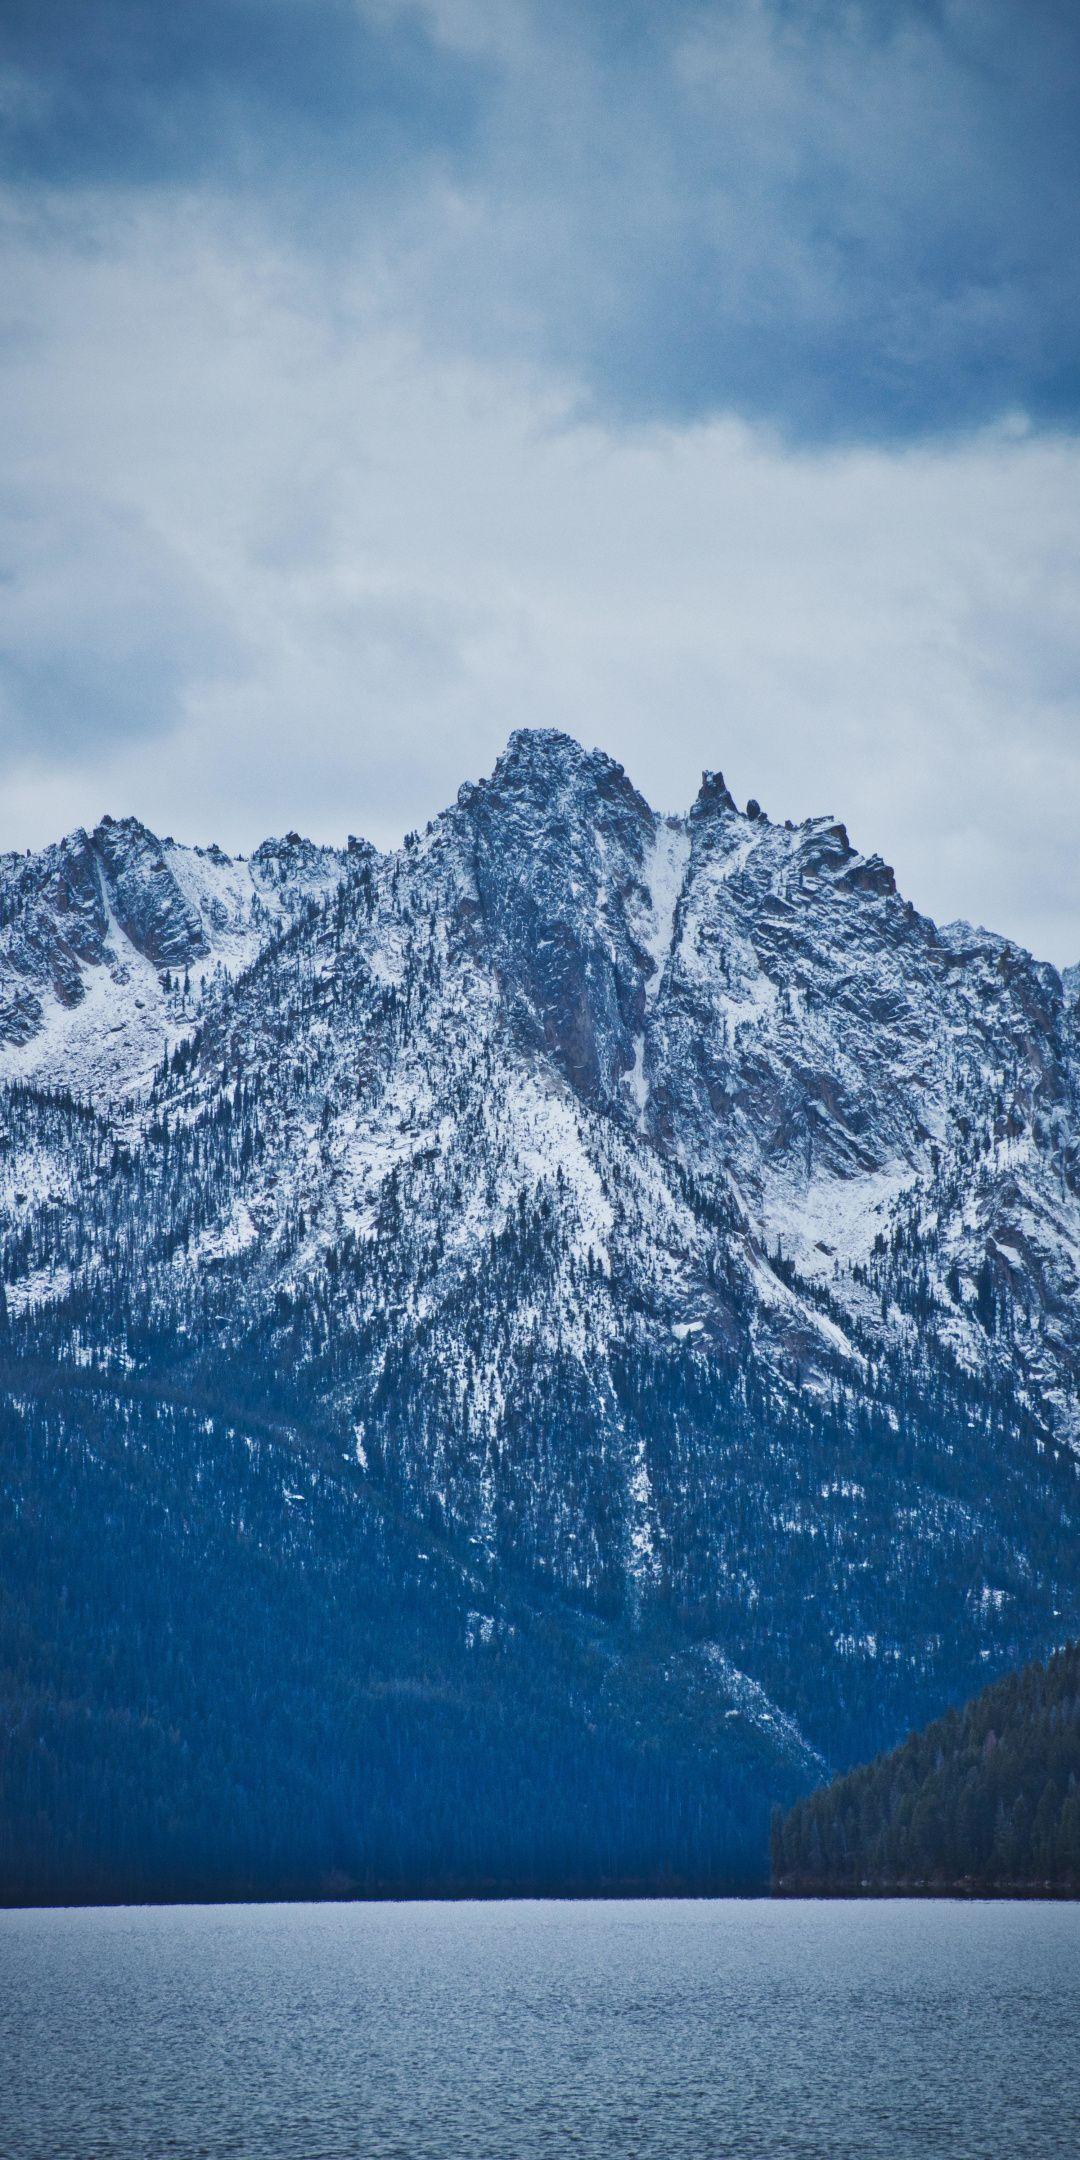 Mountains Blue Glacier Snow Mountain Nature Mist 1080x2160 Wallpaper Stock Photos Nature Photo